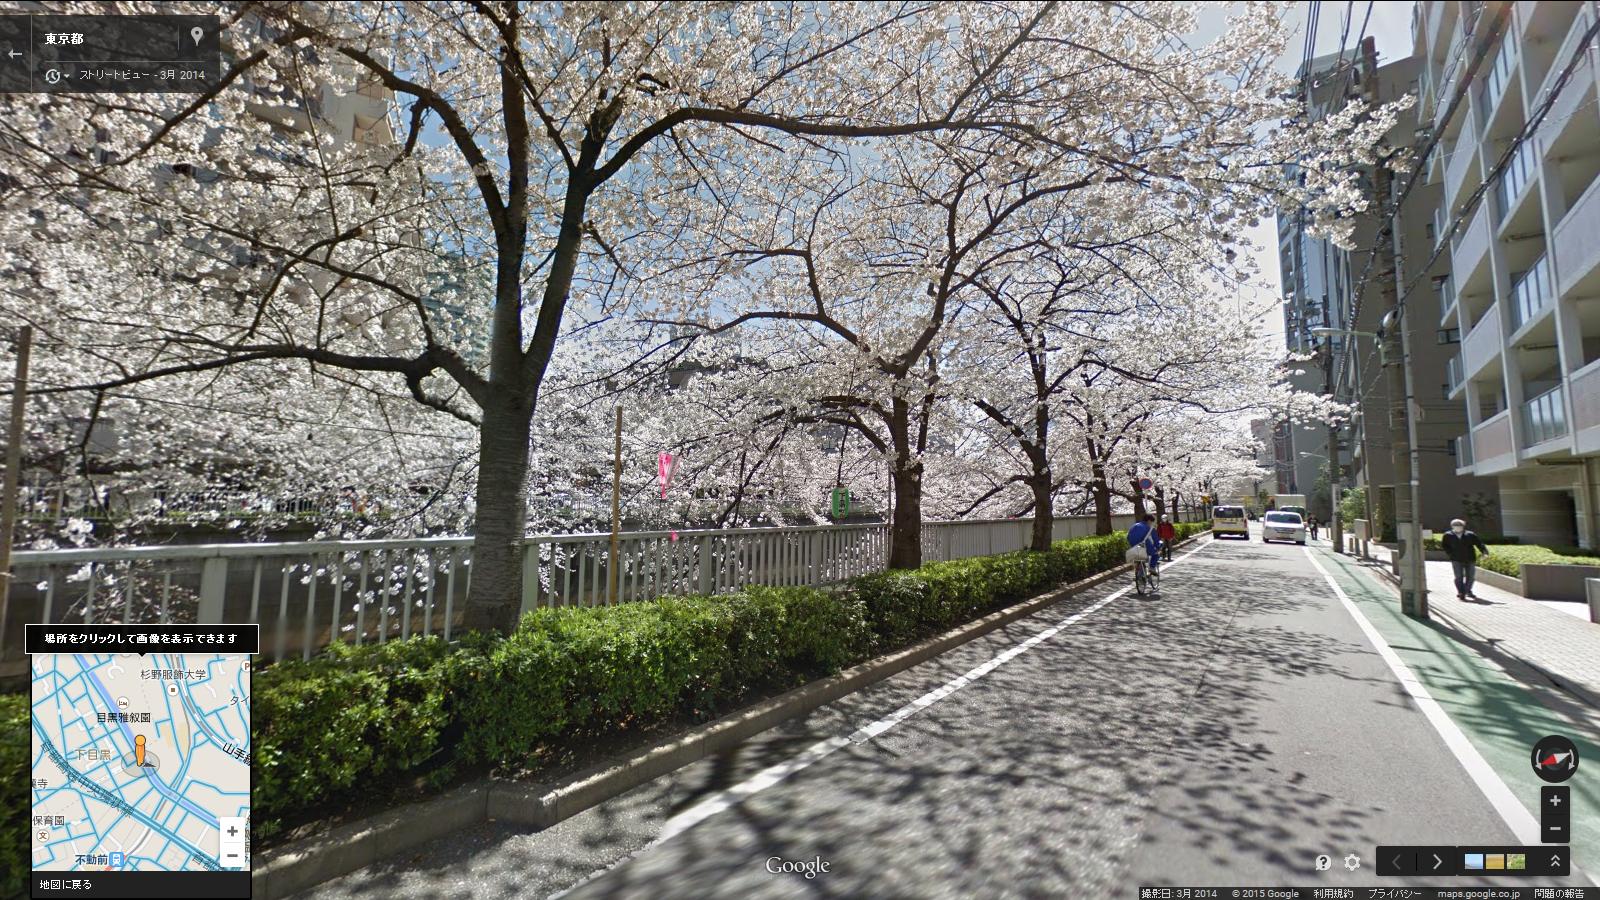 目黒川の桜(Google マップの「ストリートビュー」より)